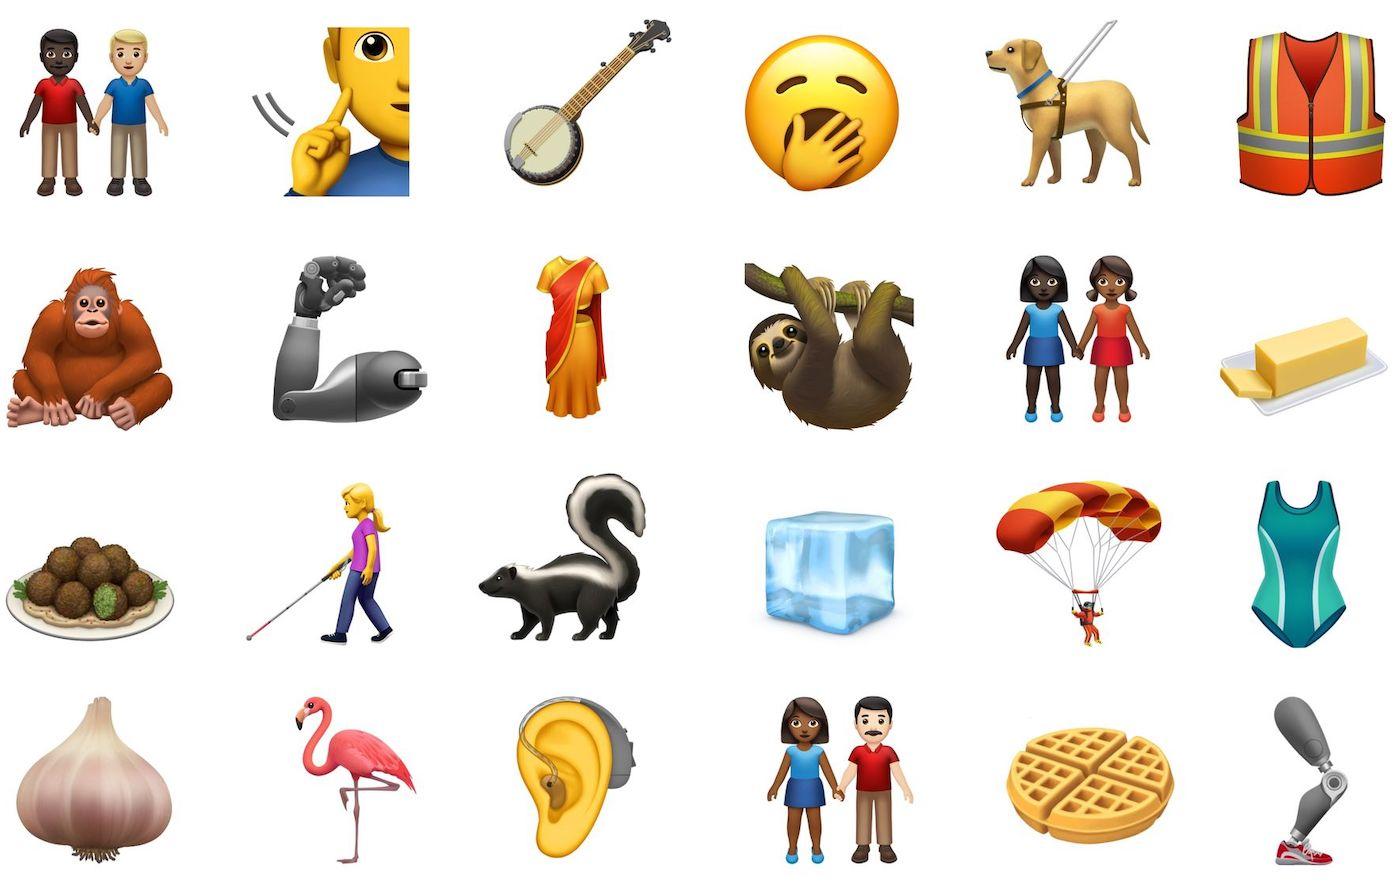 iOS 13 Nouveaux Emojis - Apple dévoile 59 nouveaux émojis prévus pour iOS 13